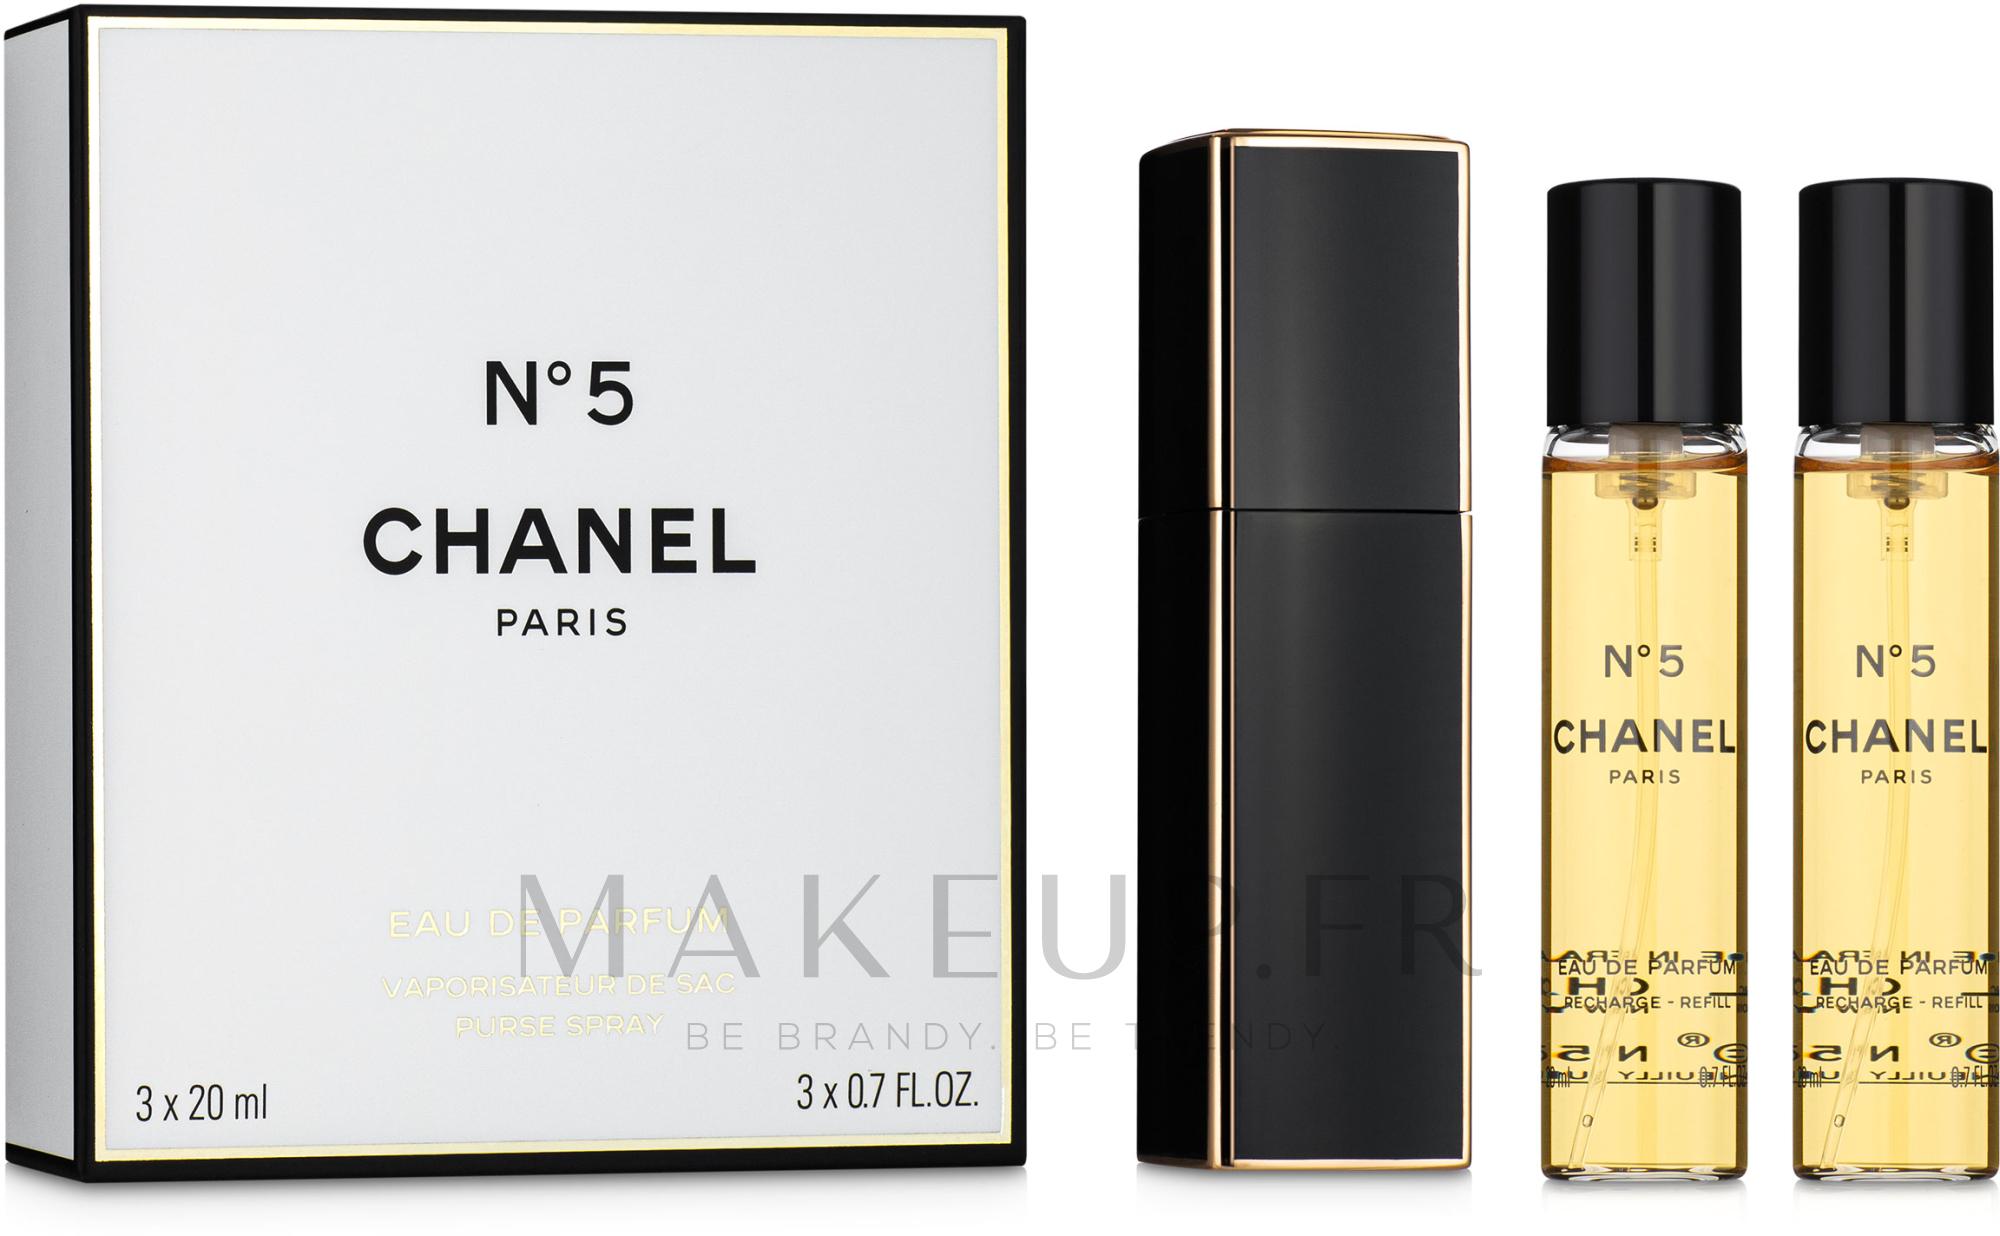 Chanel N5 Purse Spray - Eau de Parfum (vaporisateur de sac + recharges/x2) — Photo 3x20 ml